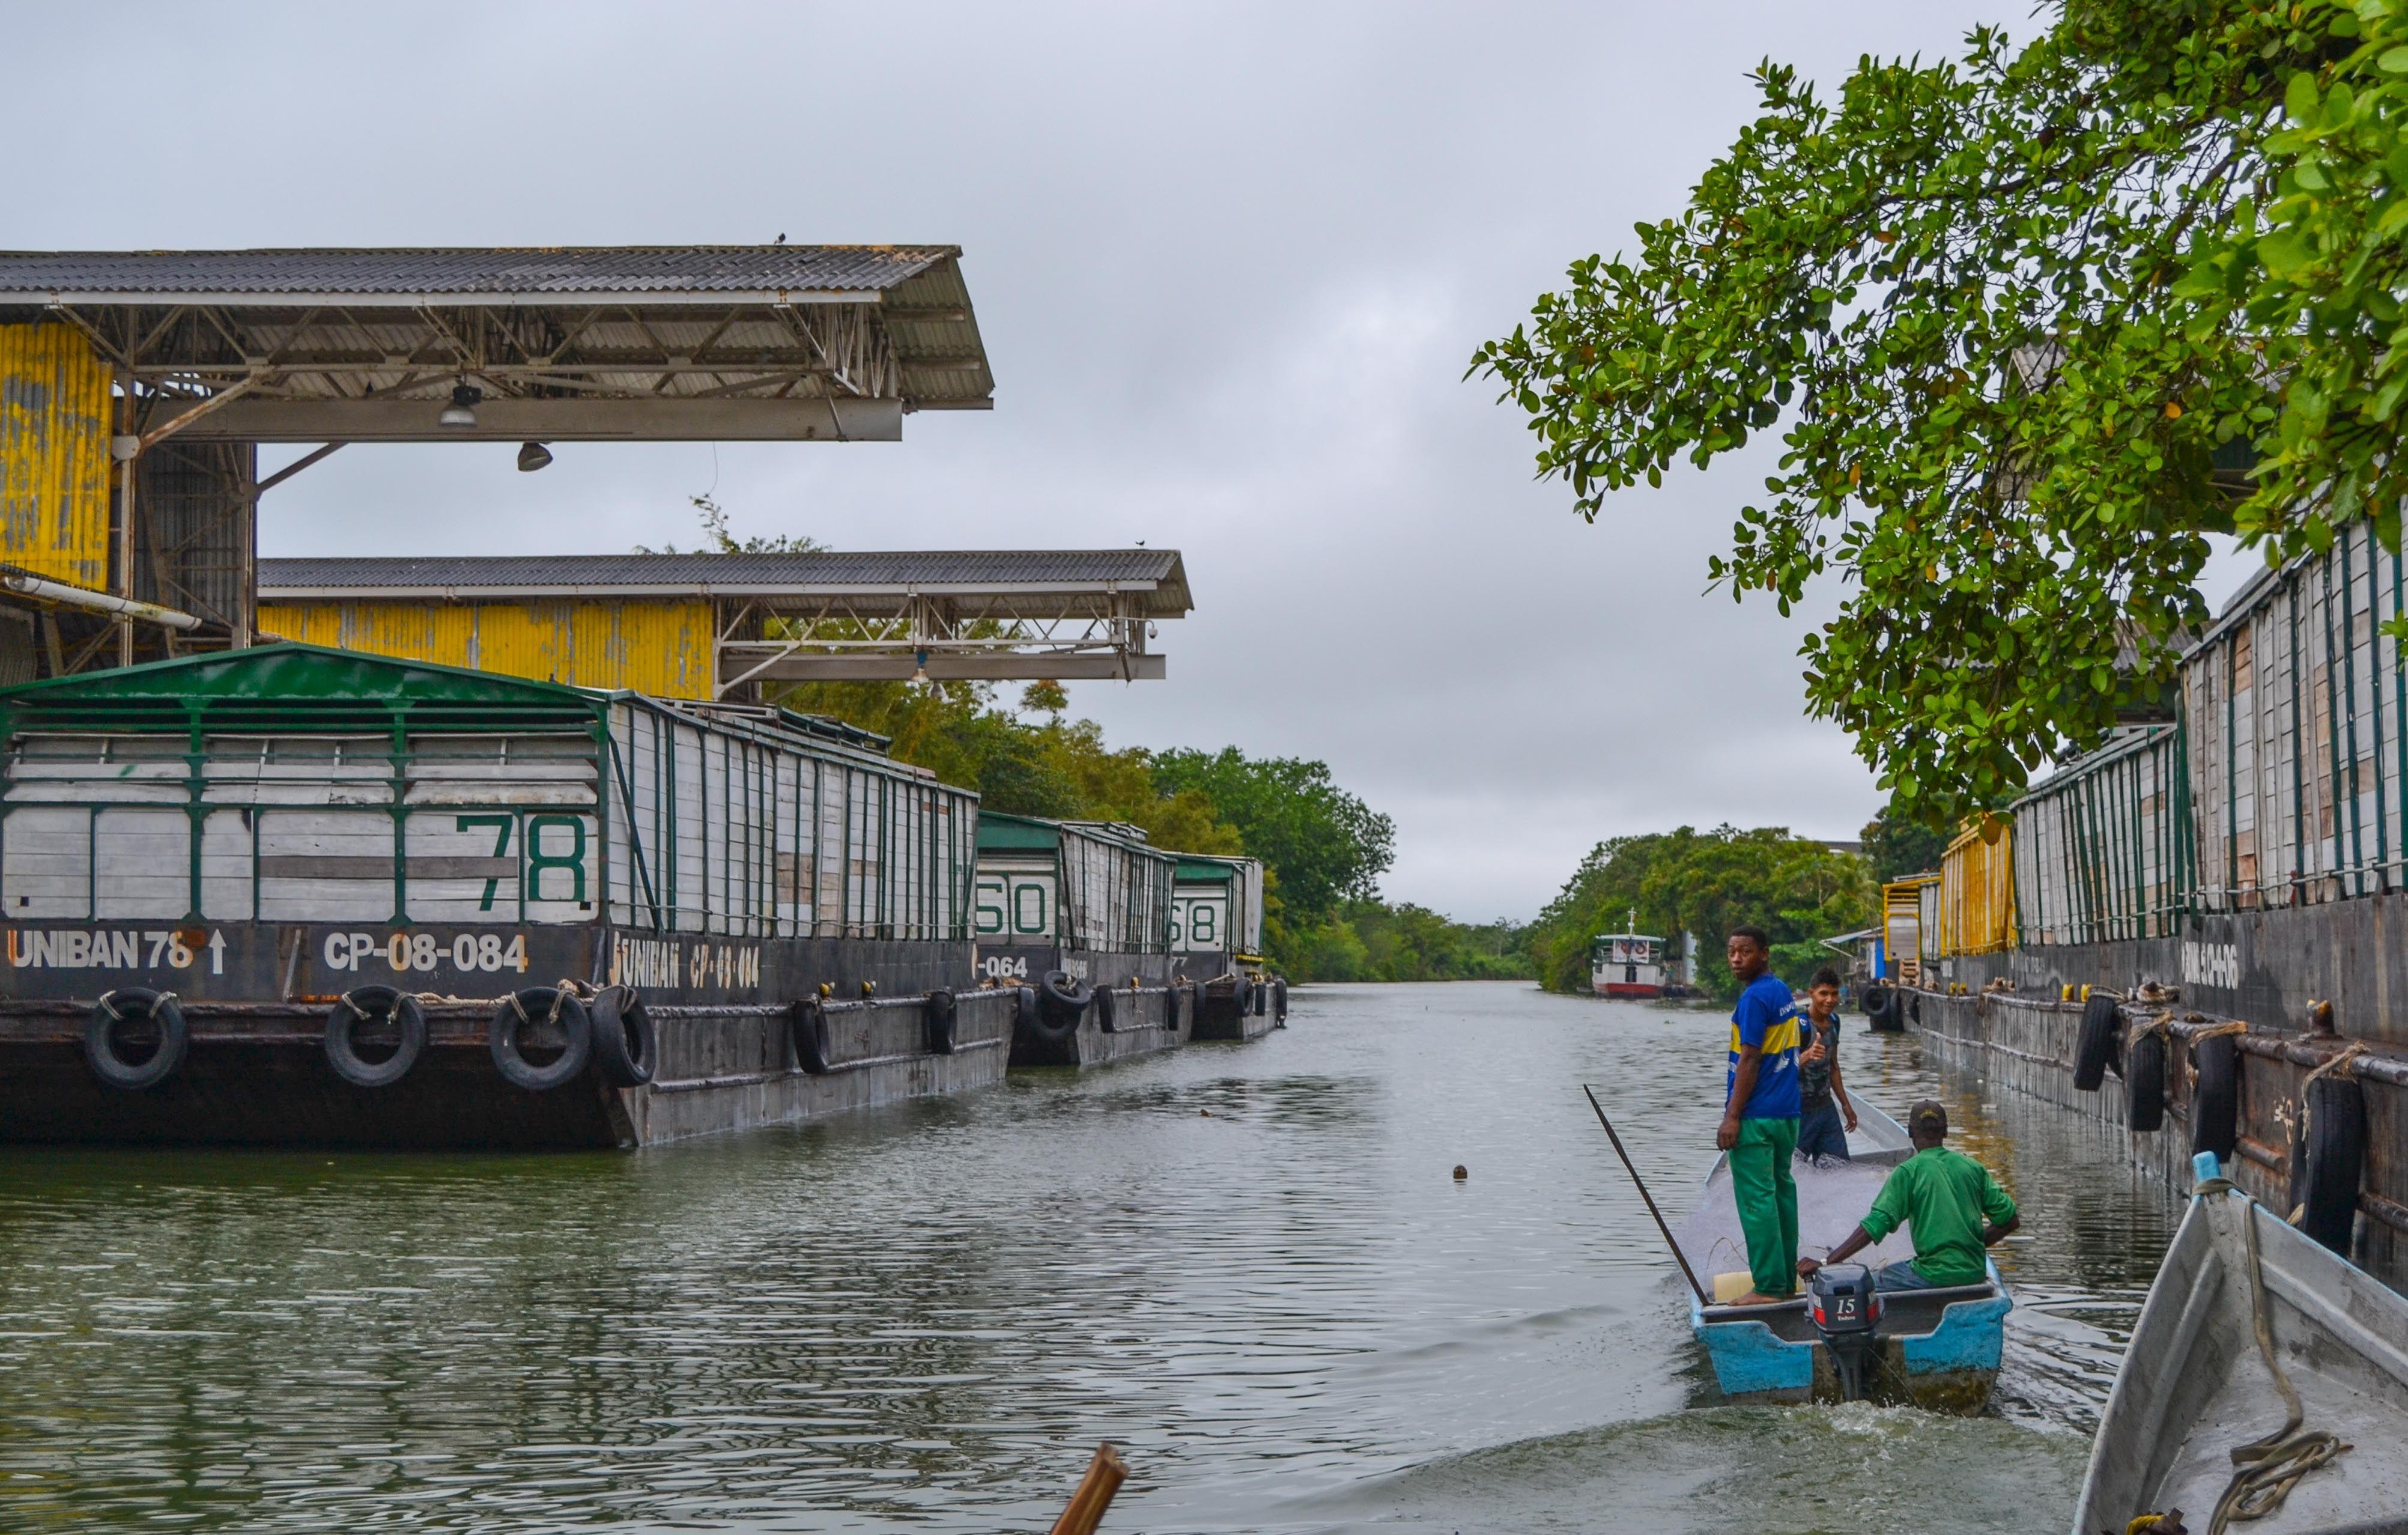 Nueva Colonia Urabá Uraba Puerto Bot Bote Barco Embarcación Travel Tour Viajar Vacaciones Colombia Micolombiaoficial Vacaciones Colombia Barcos